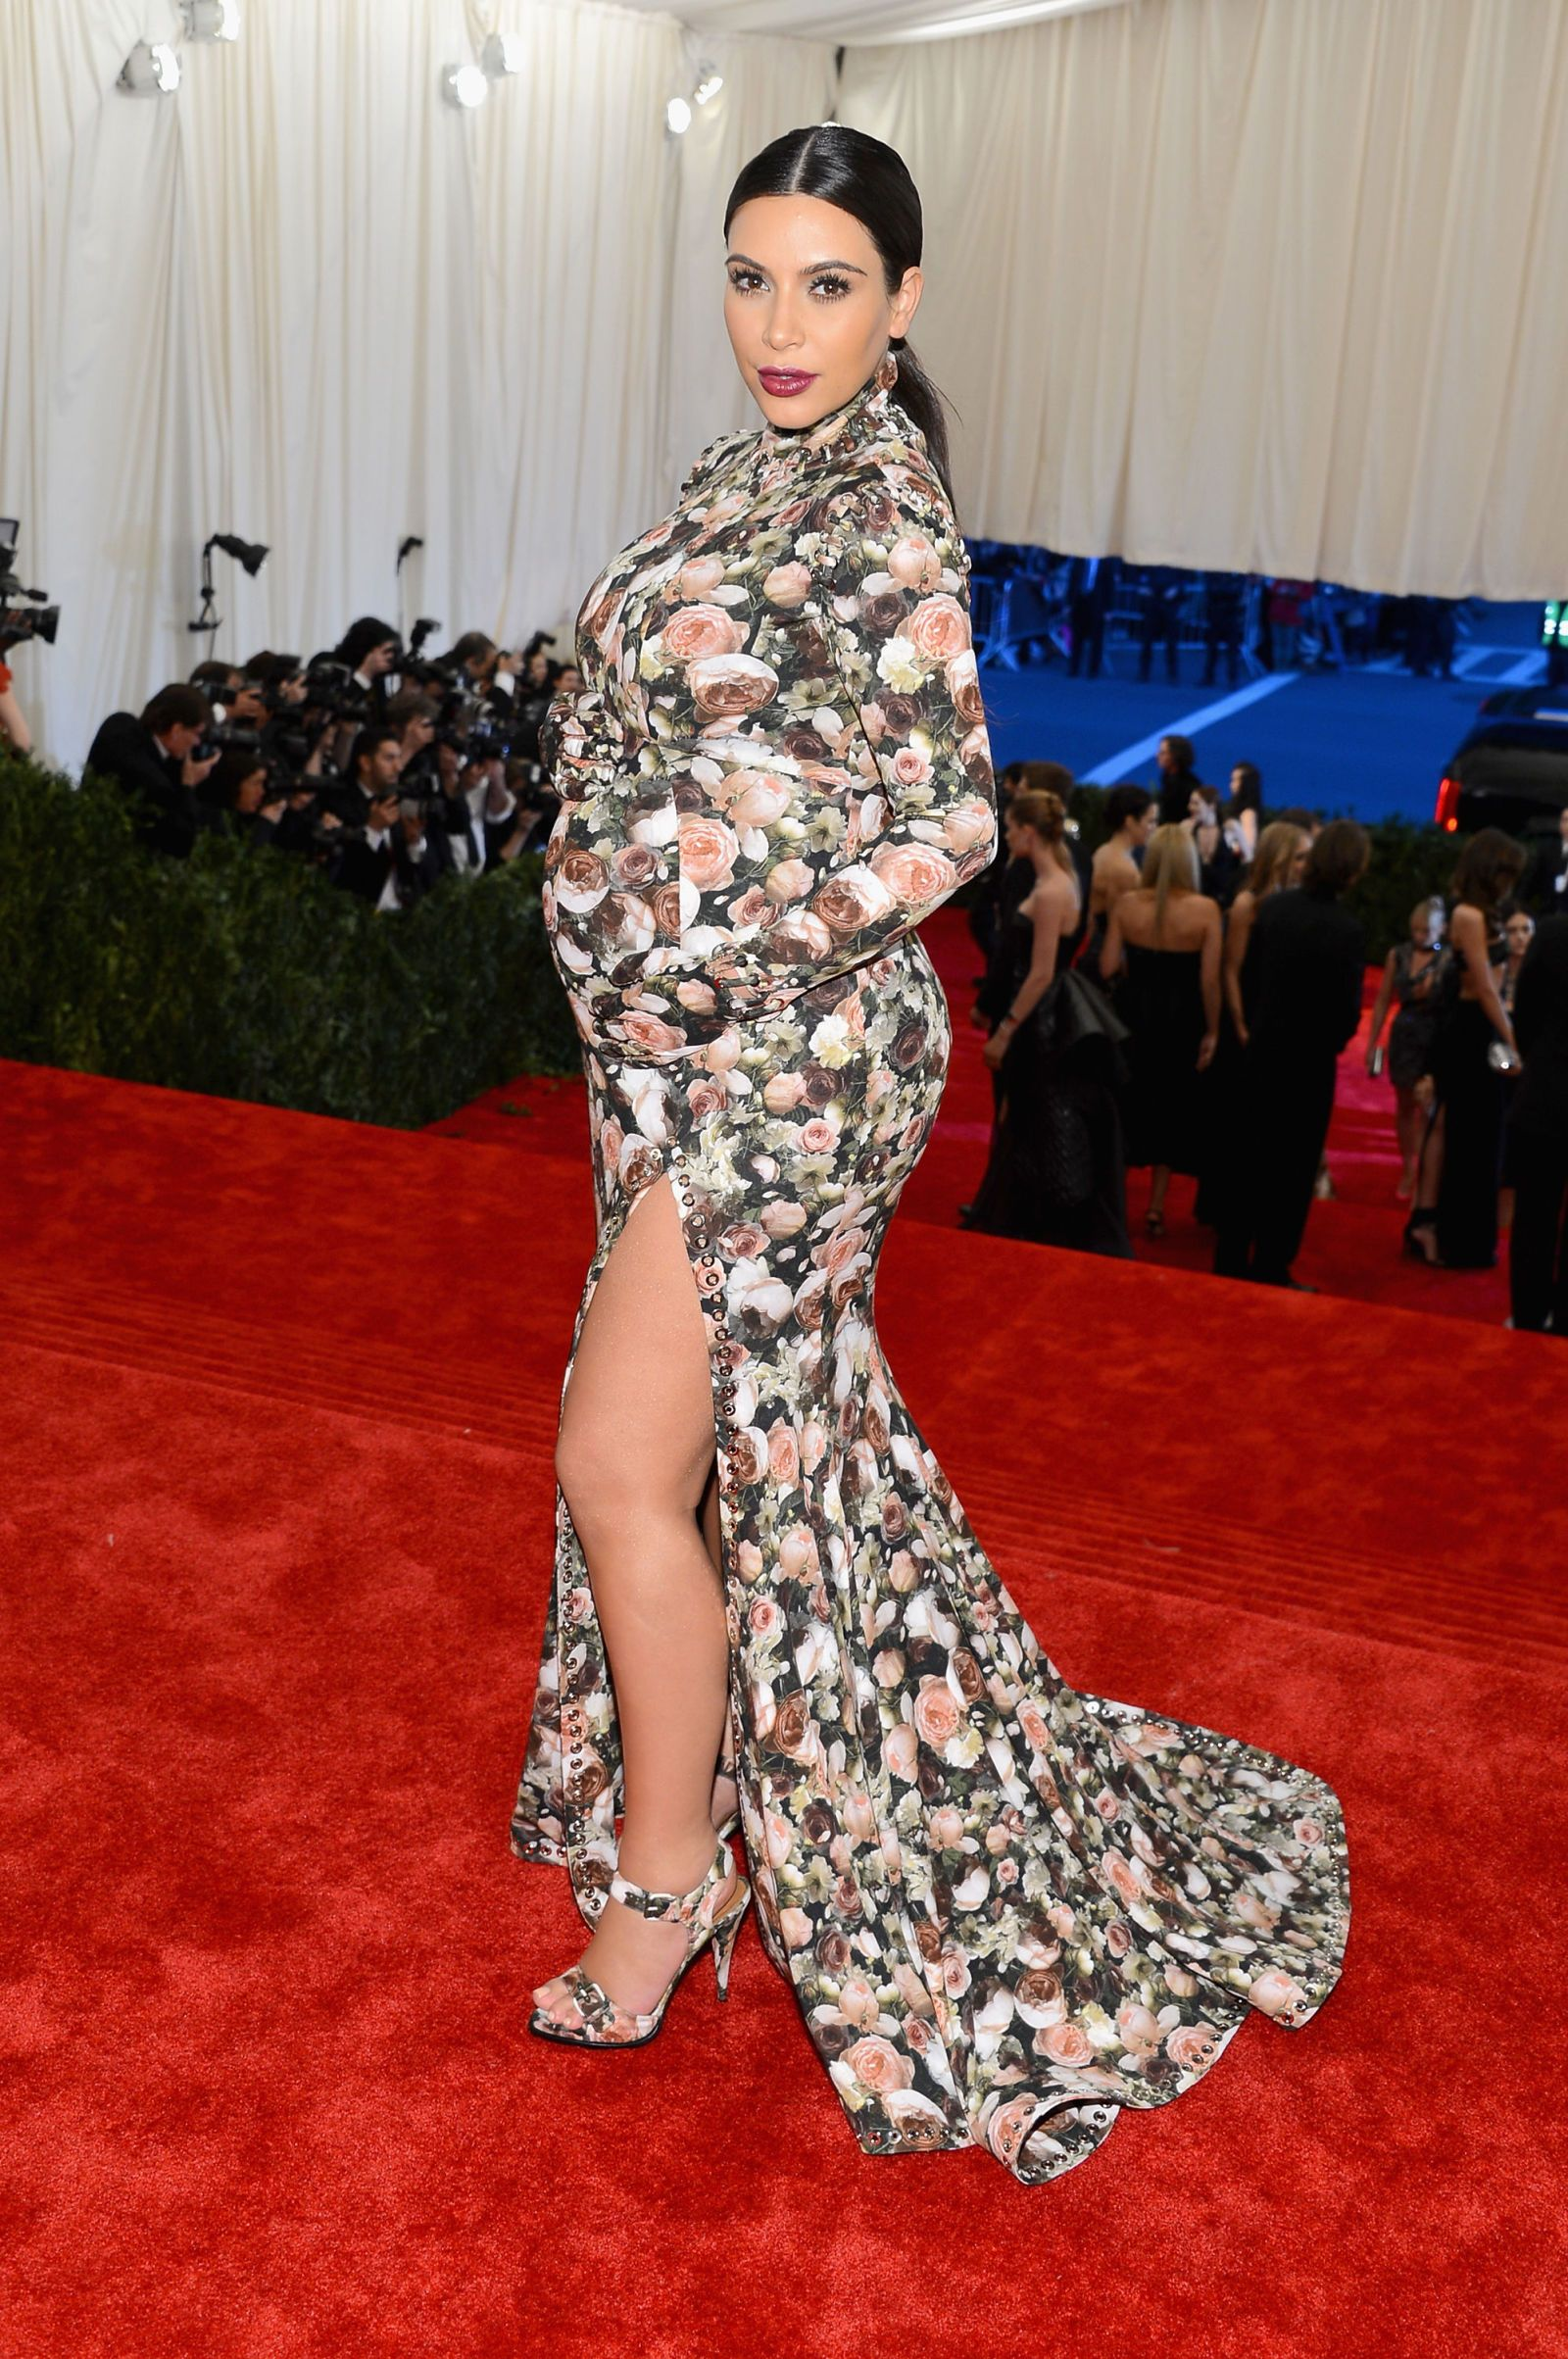 Kim Kardashian Wore Ultimate Halloween Costume | Kim kardashian ...